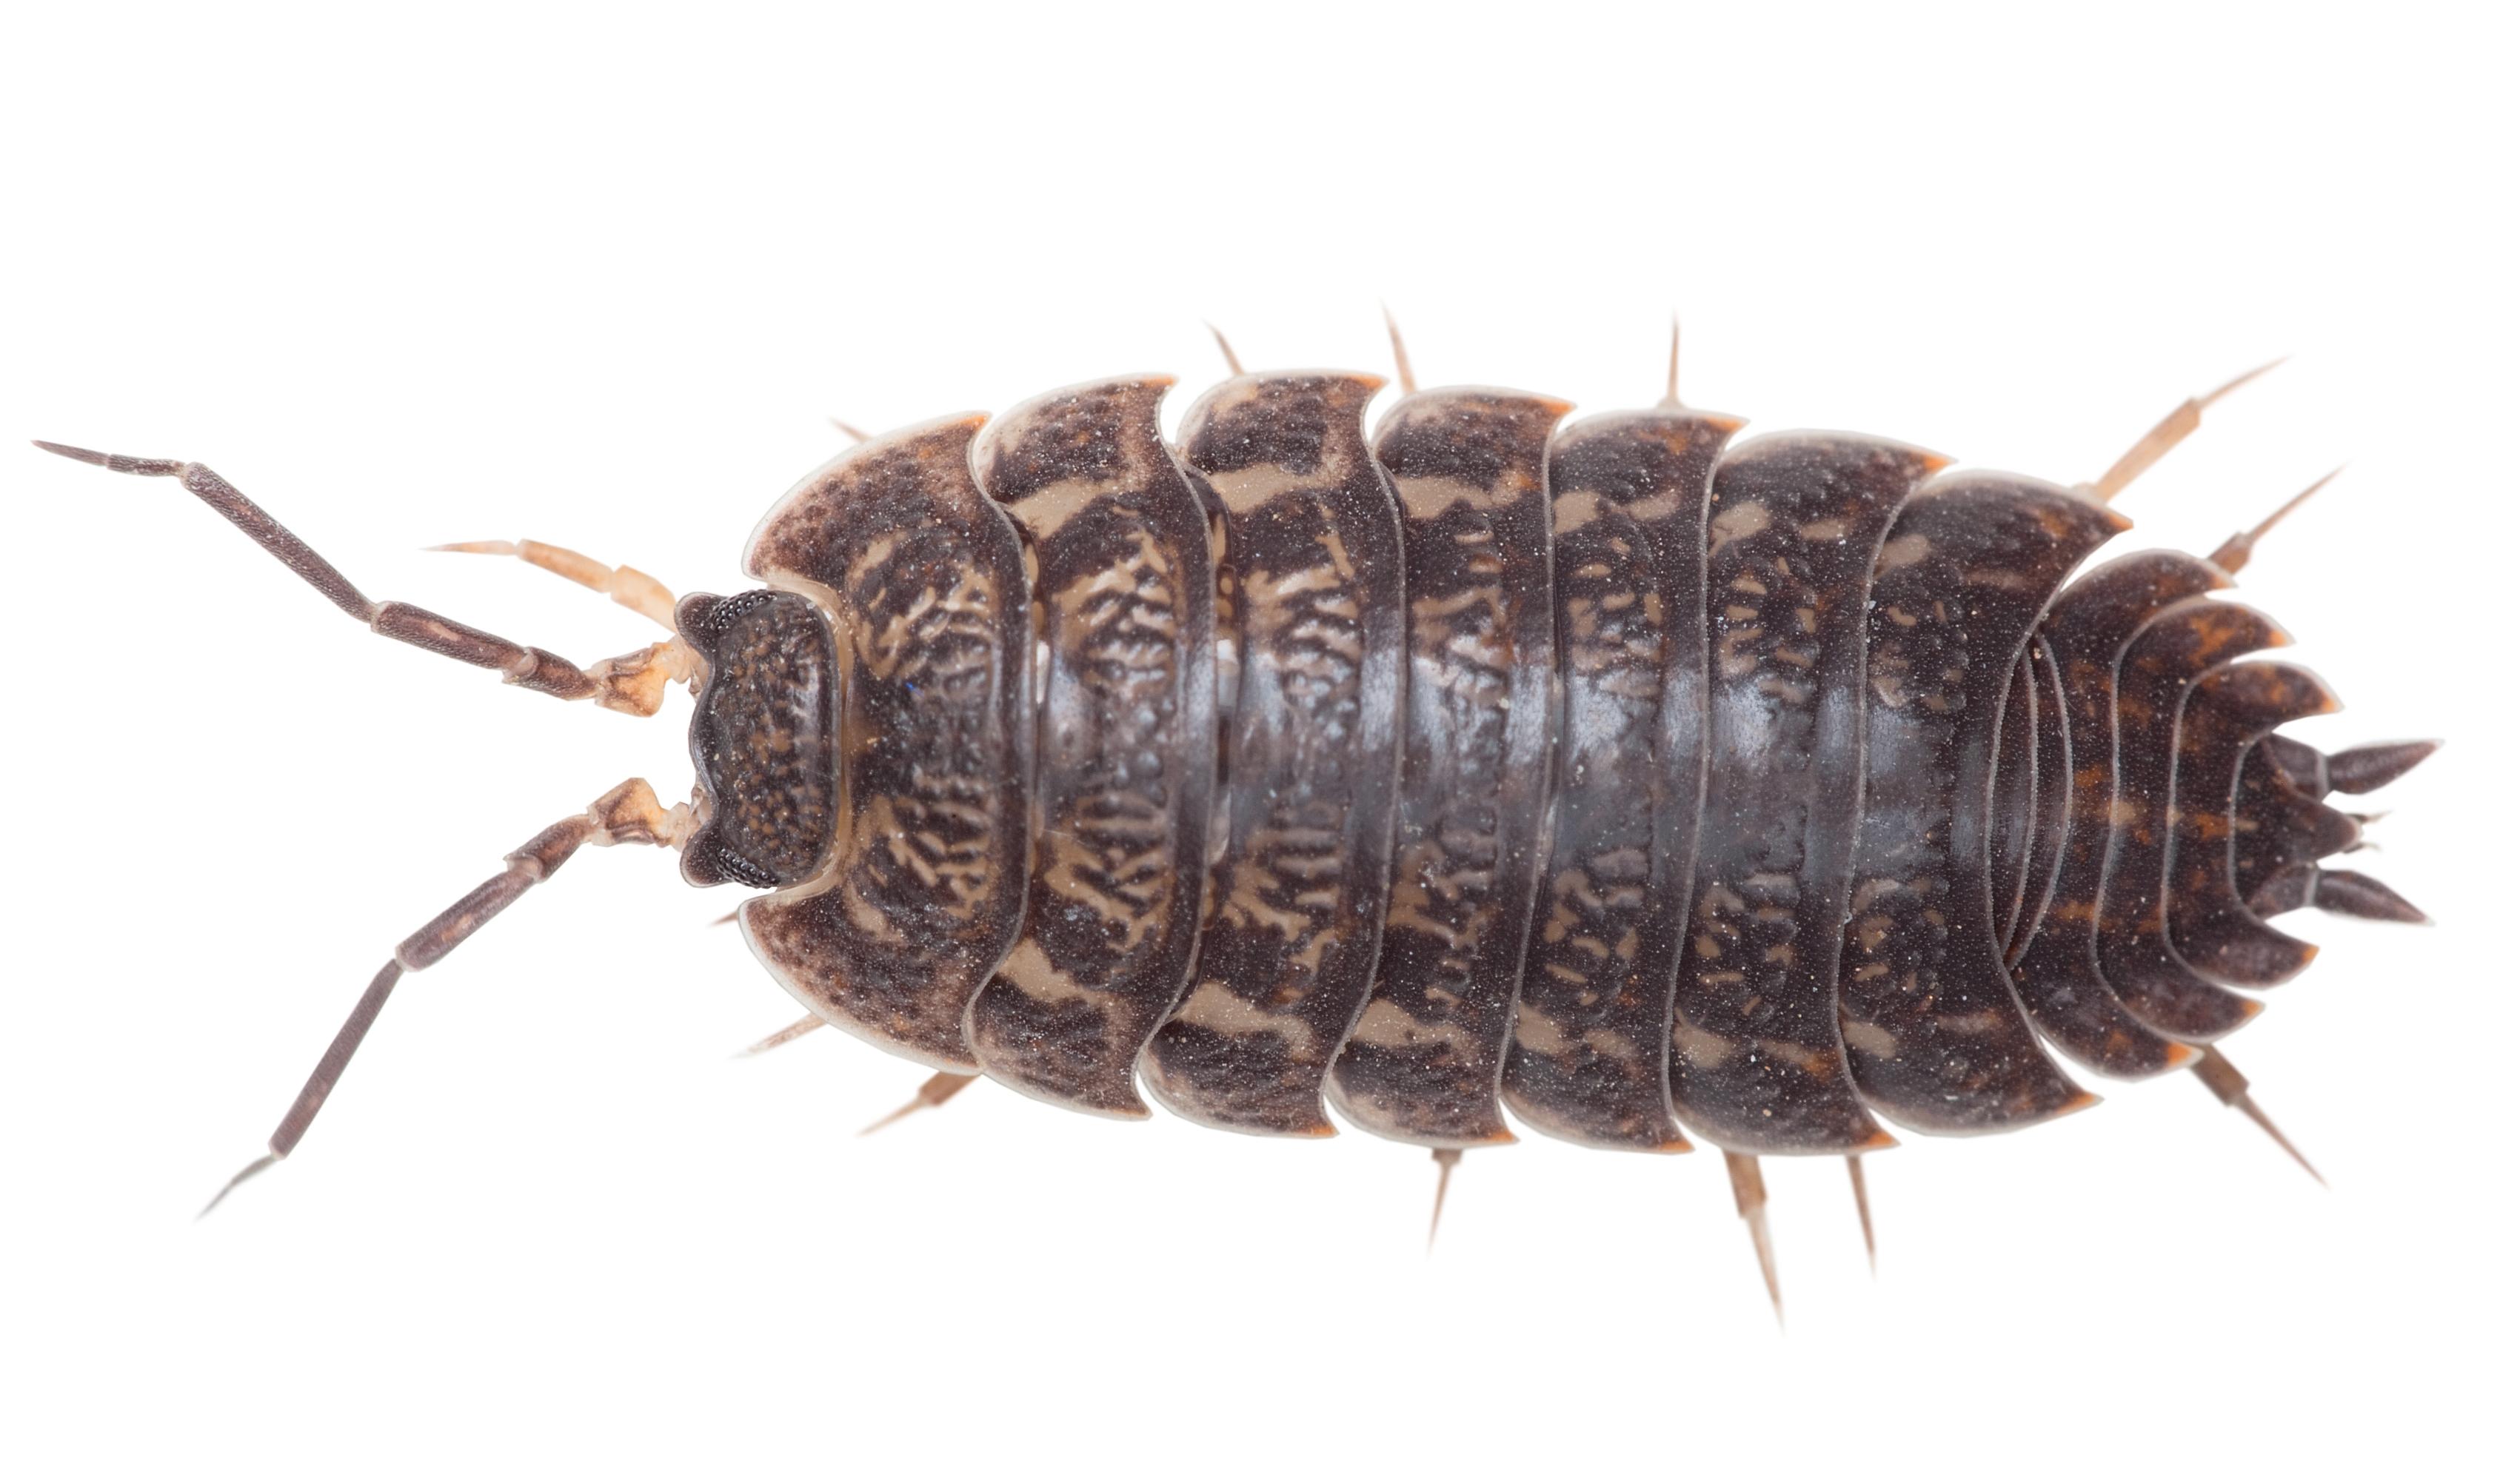 Gråsuggor (Oniscidea)